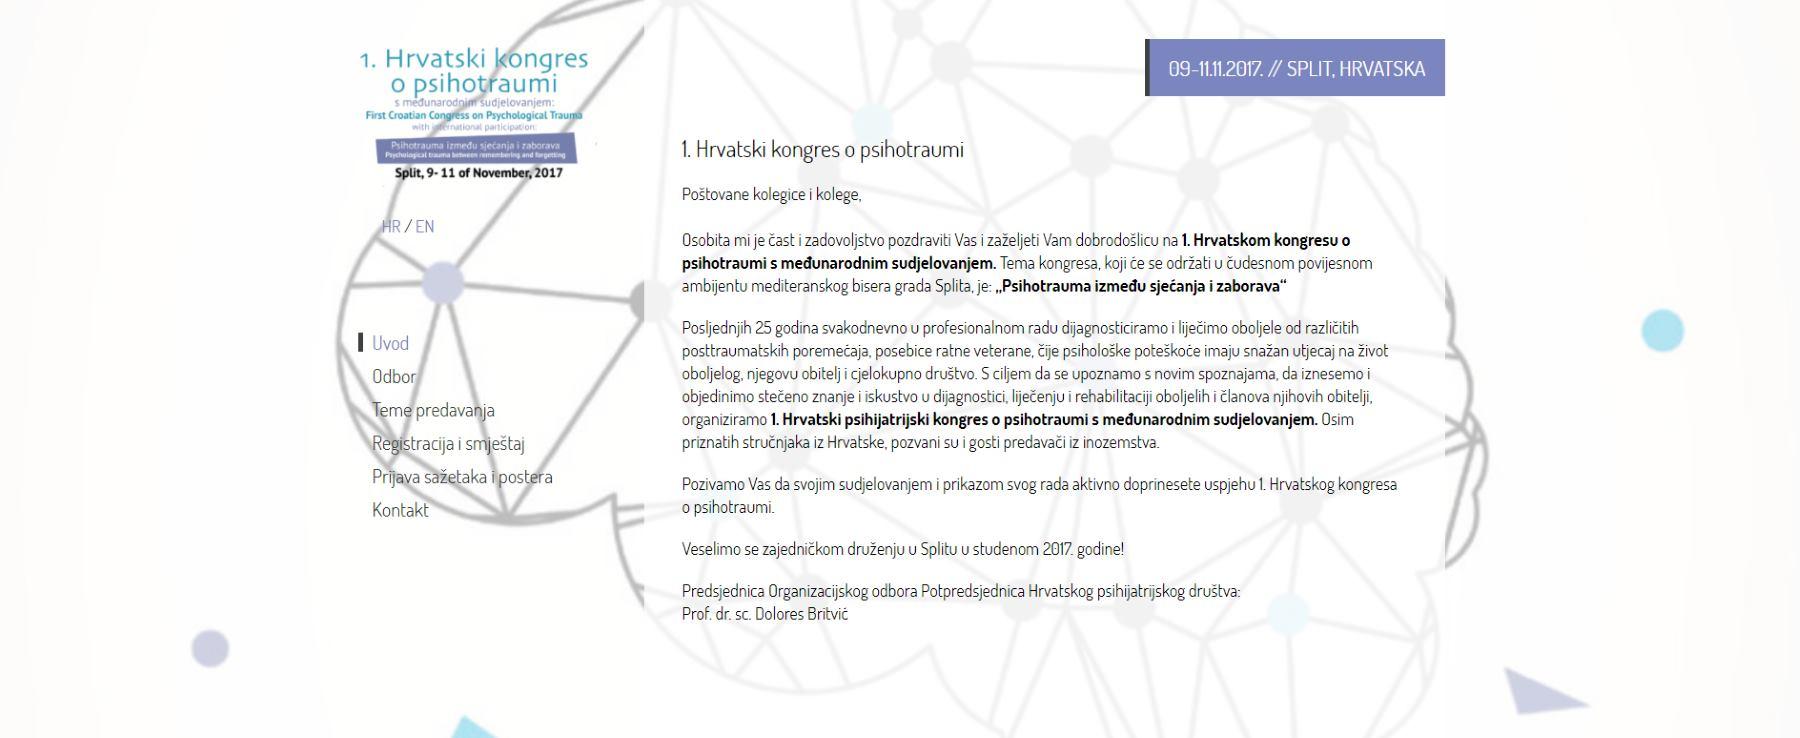 Hrvatski kongres o psiho traumi s međunarodnim sudjelovanjem: Psihotrauma između sjećanja i zaborava